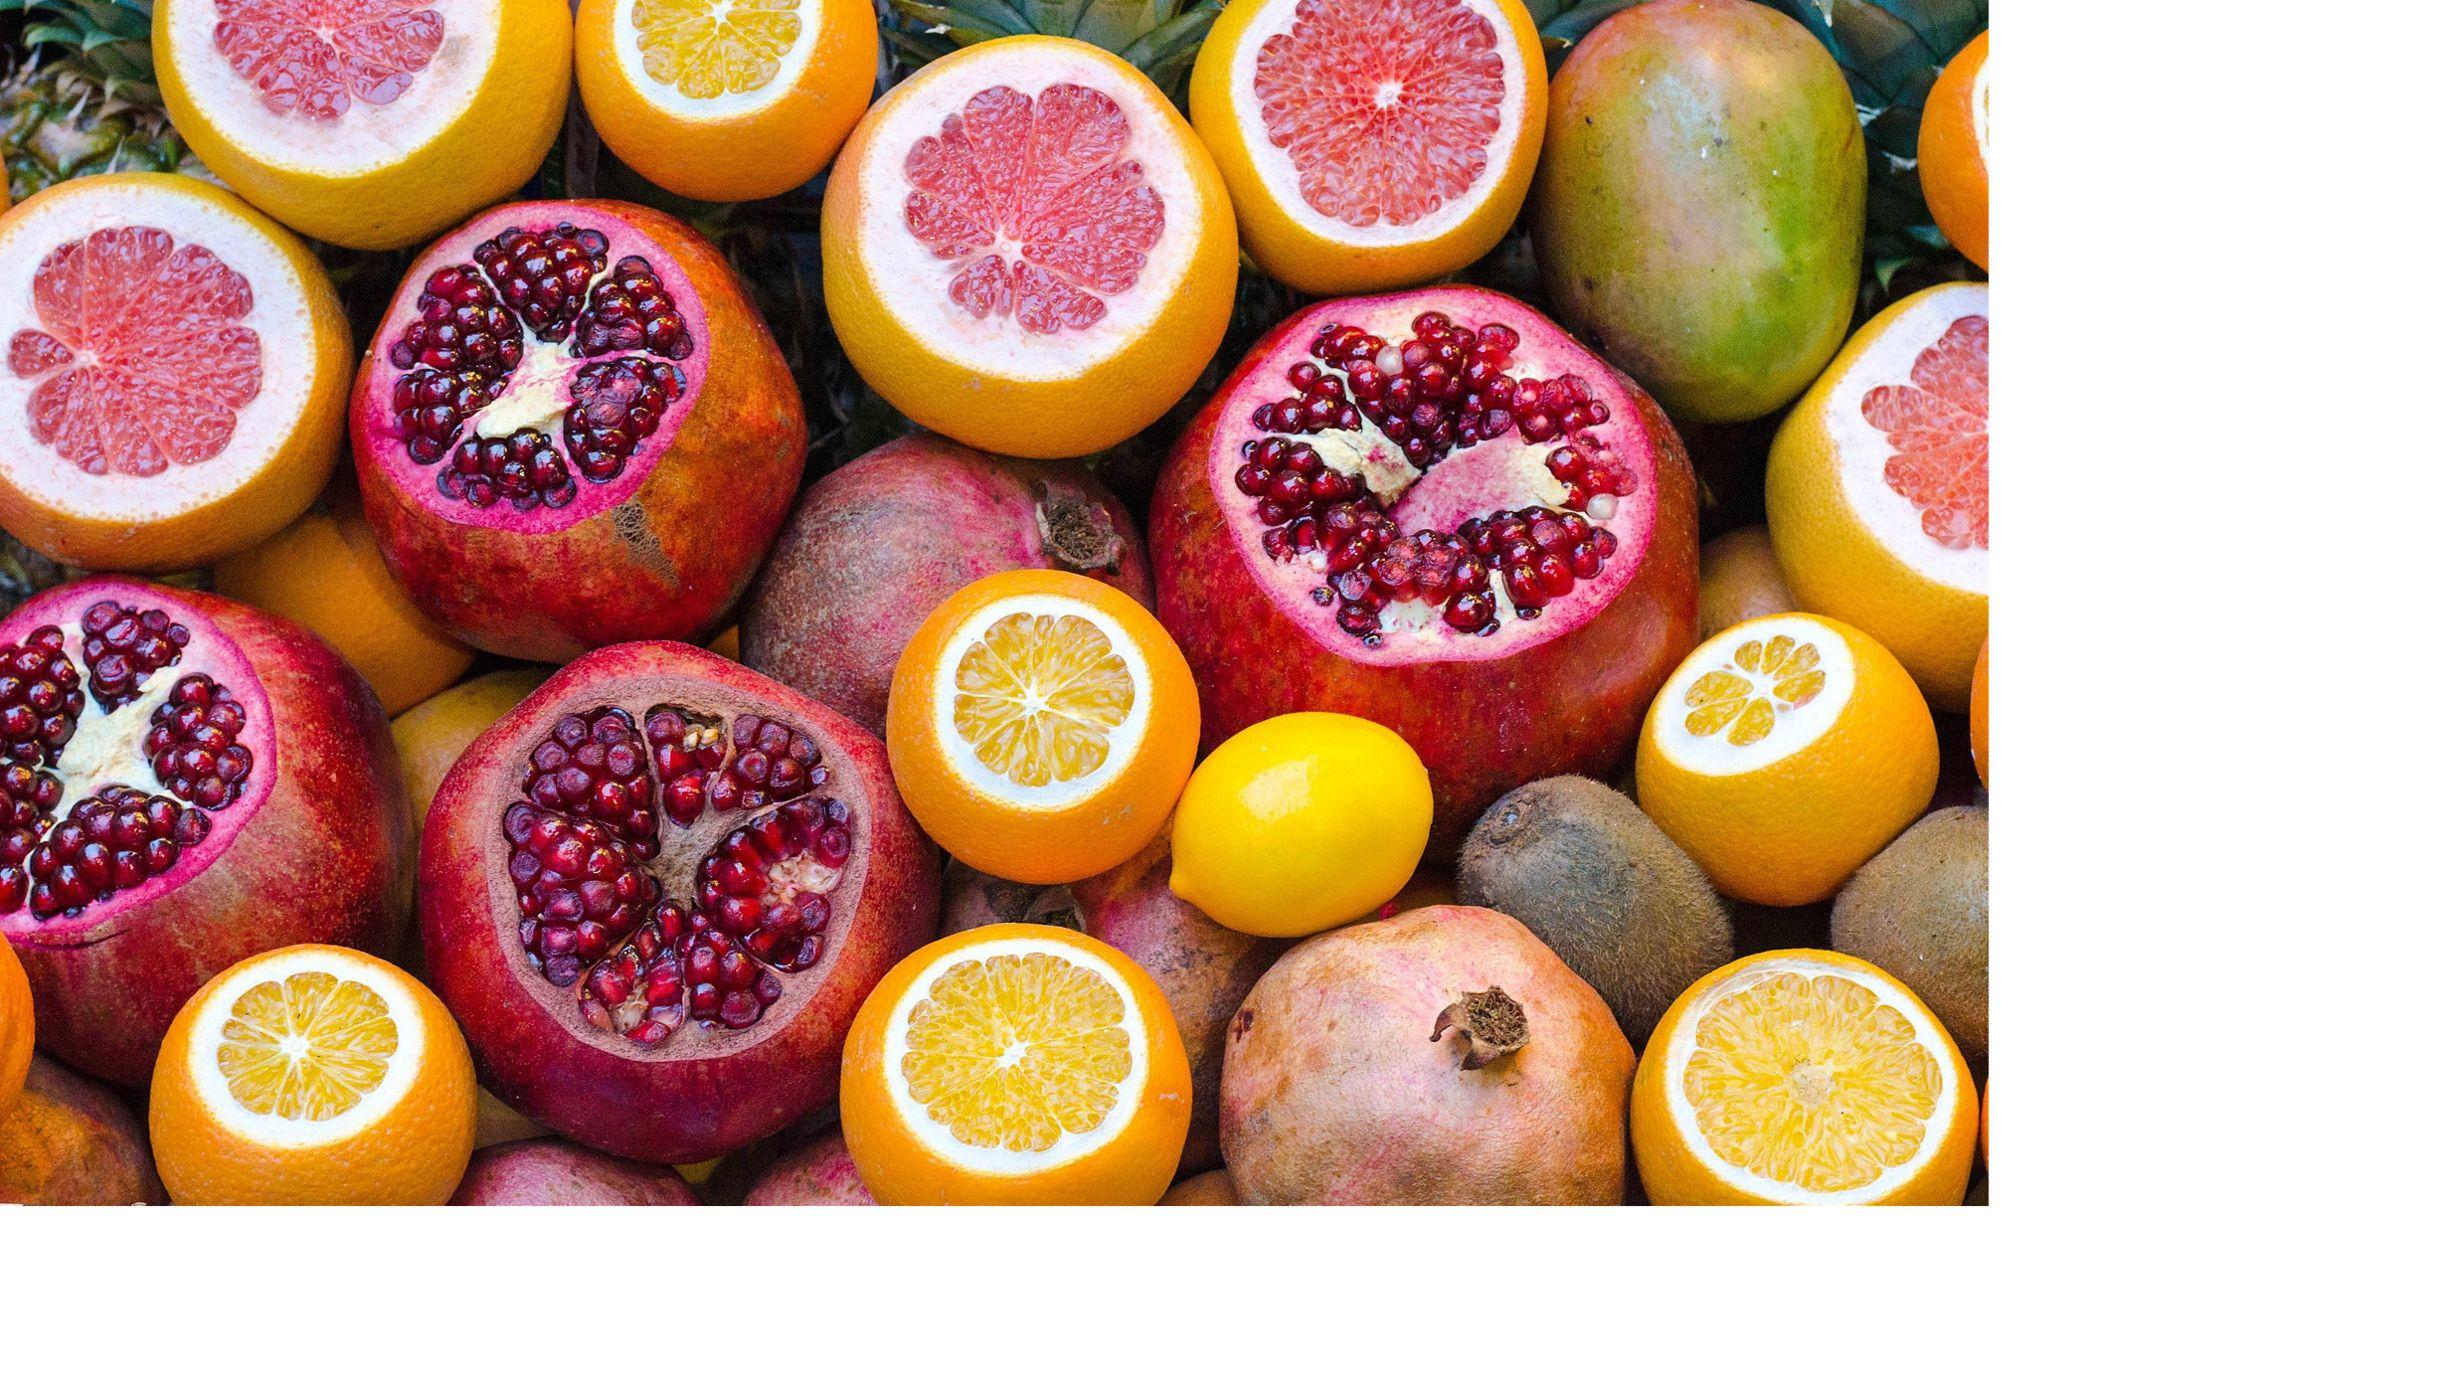 Imagem com detalhes de frutas cortadas.